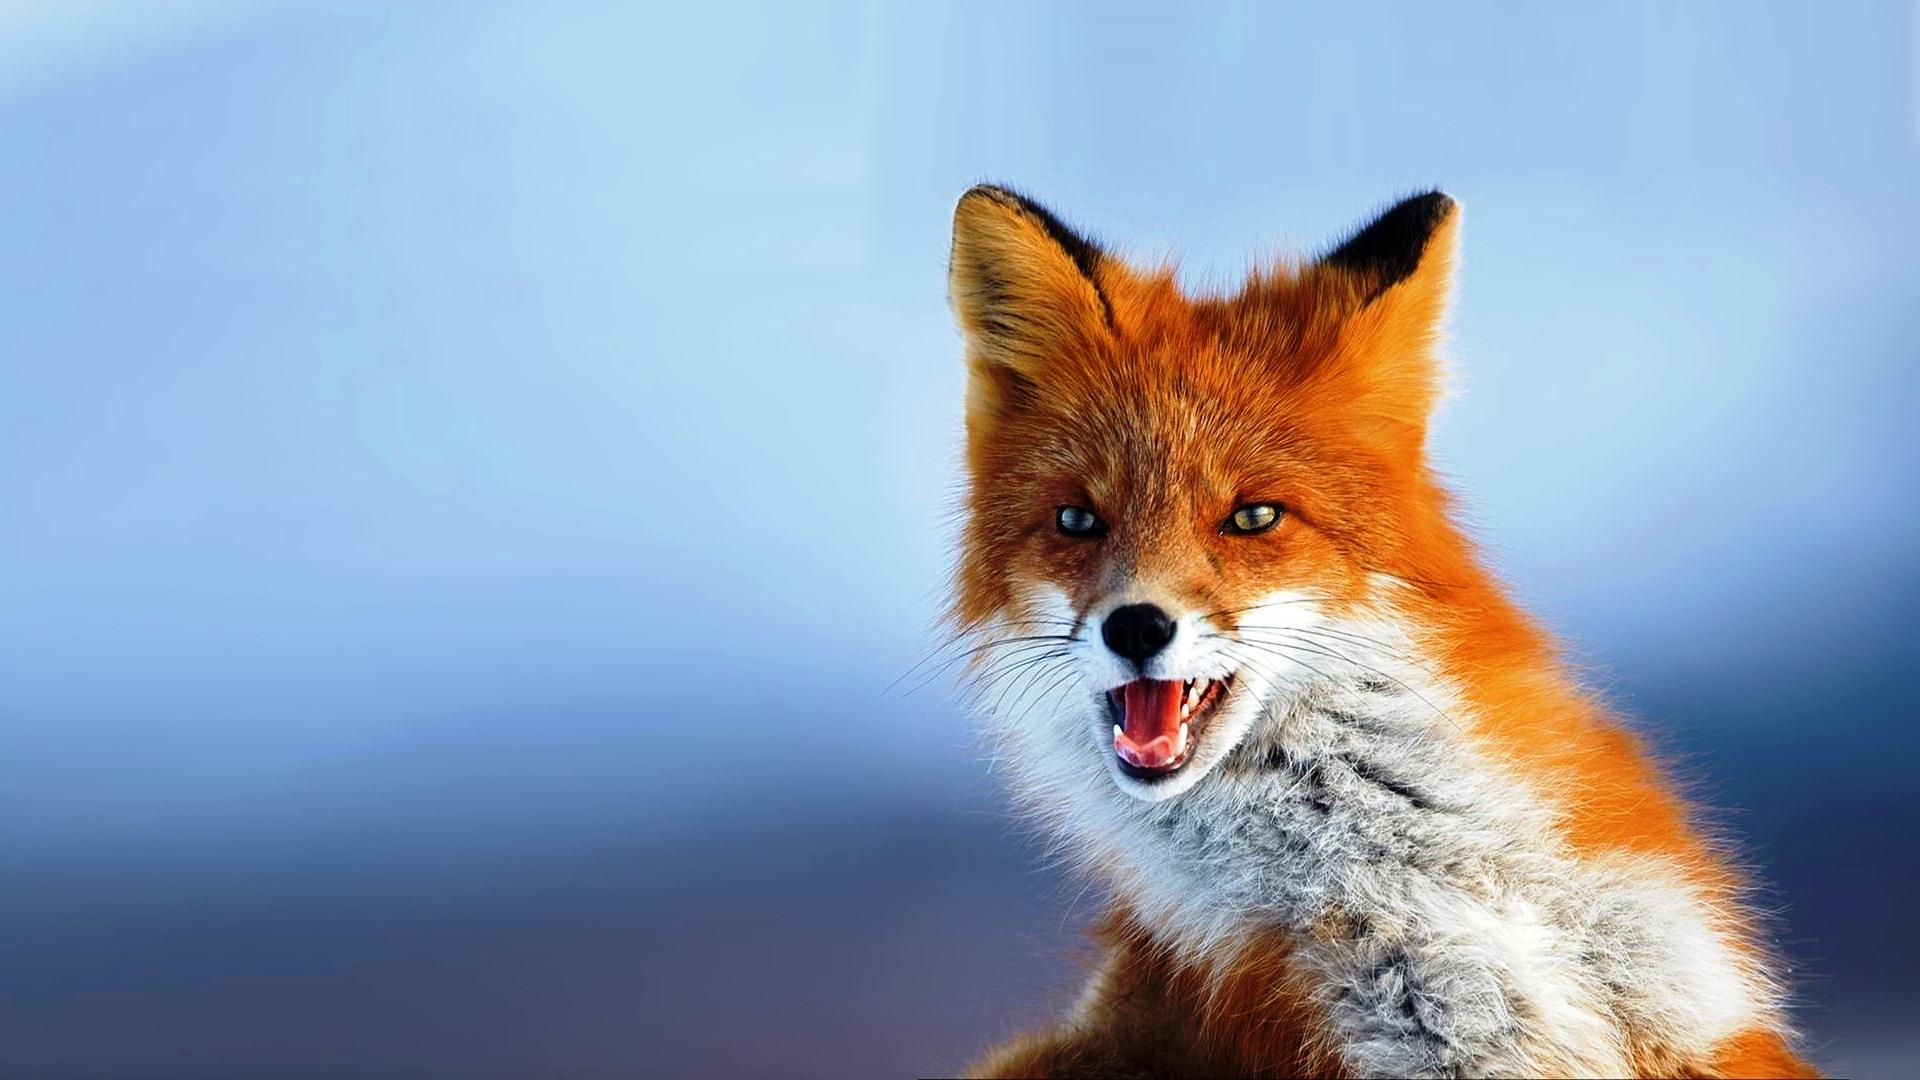 Animal, Best, Desktop, Fox, Picture